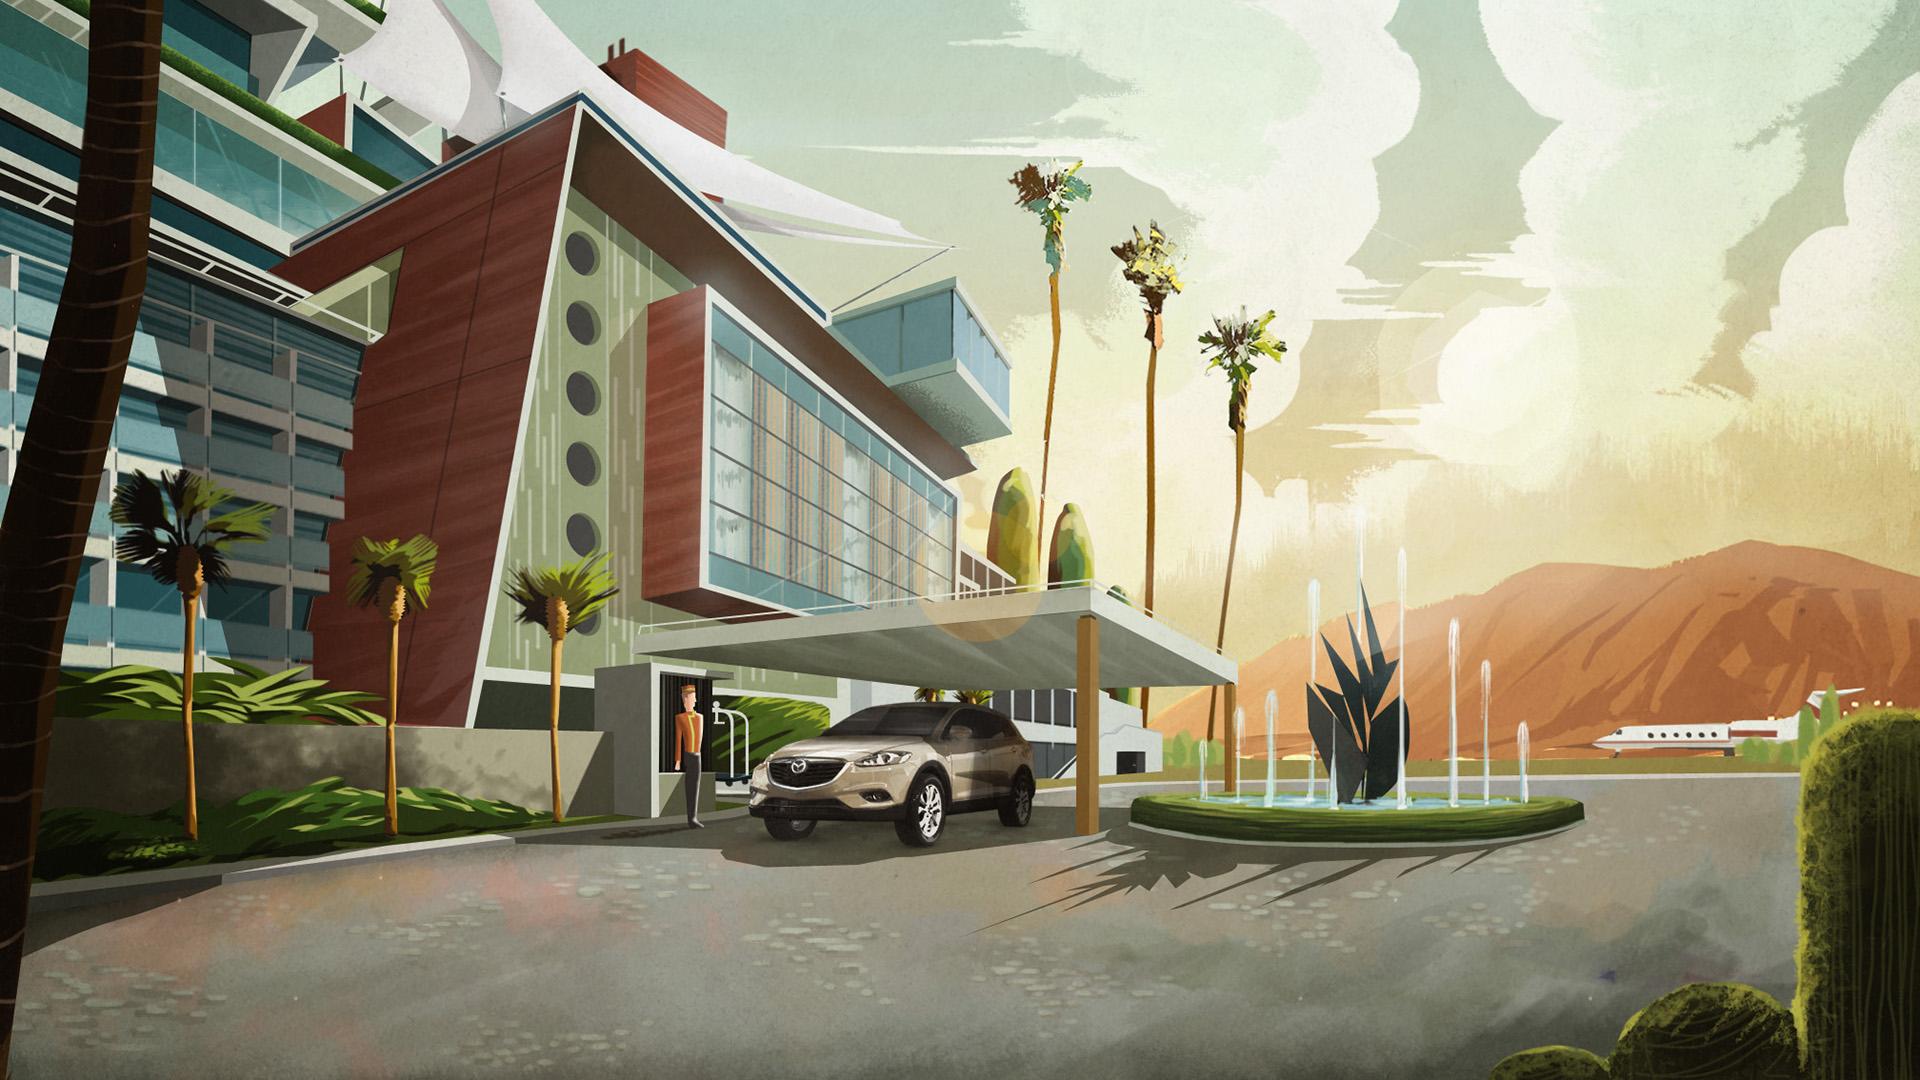 SC013_hotel_GW_112012_opt.jpg